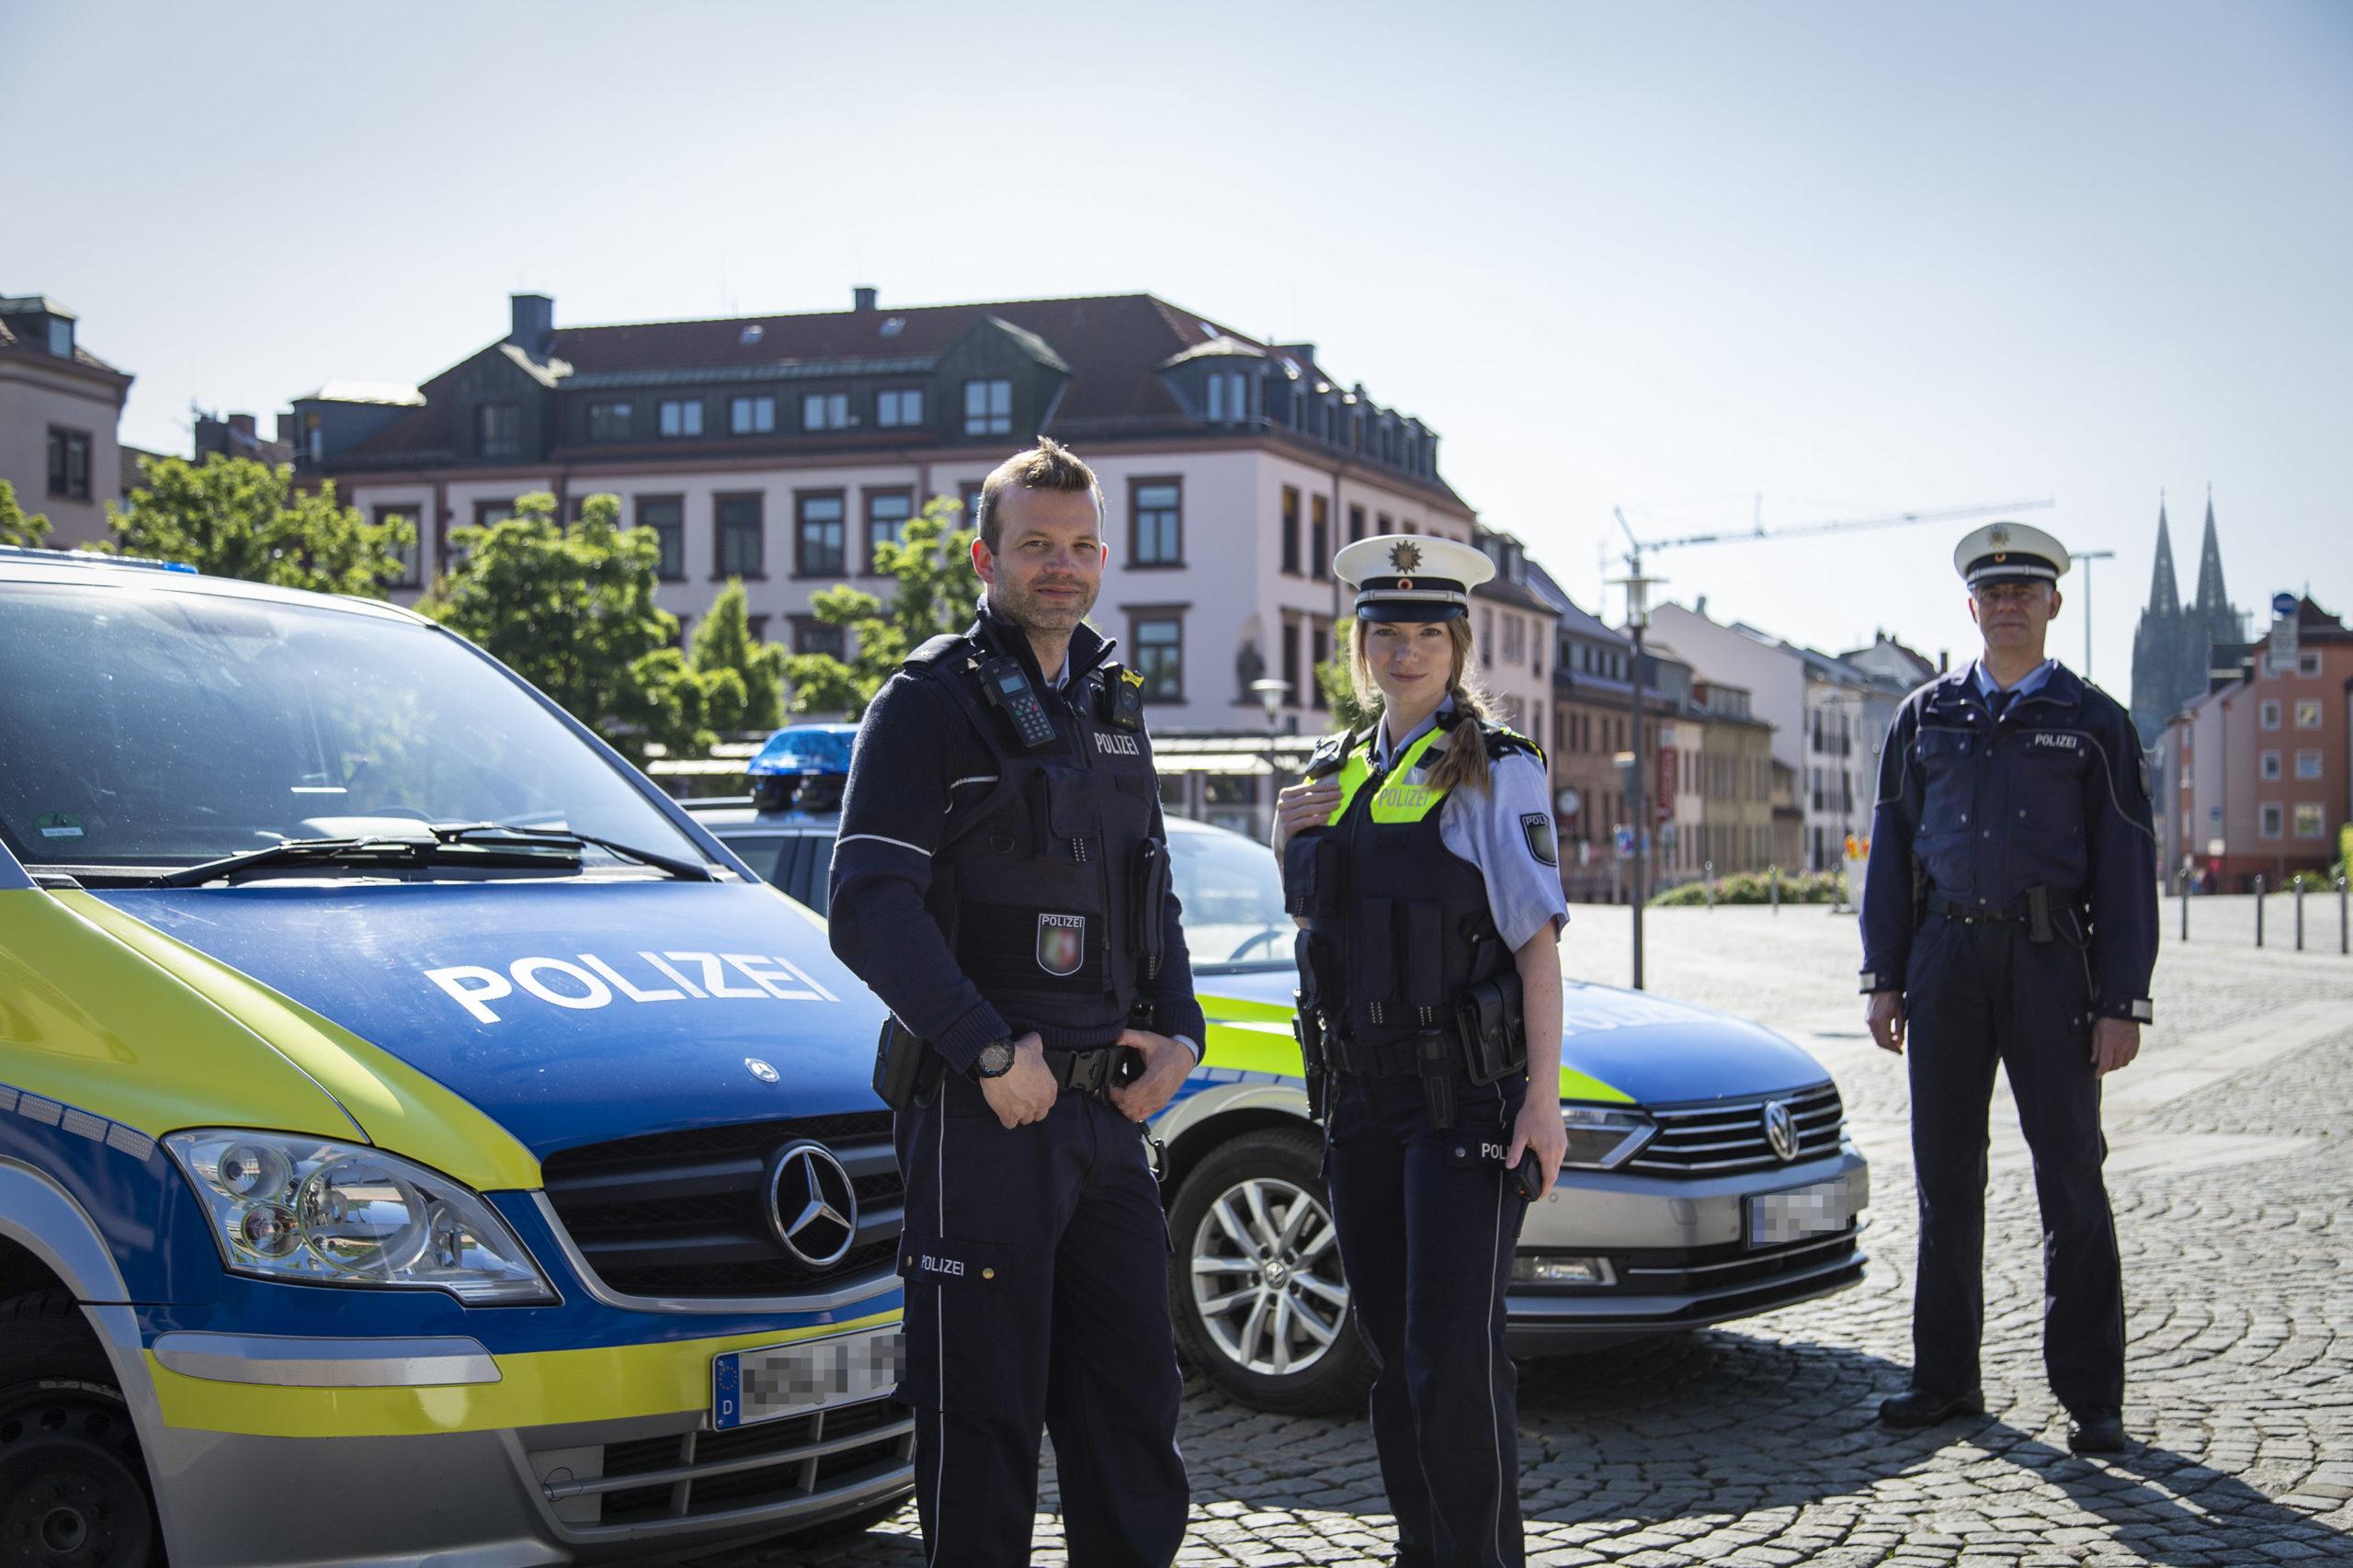 Polizisten in Köln für Film und Fernsehen